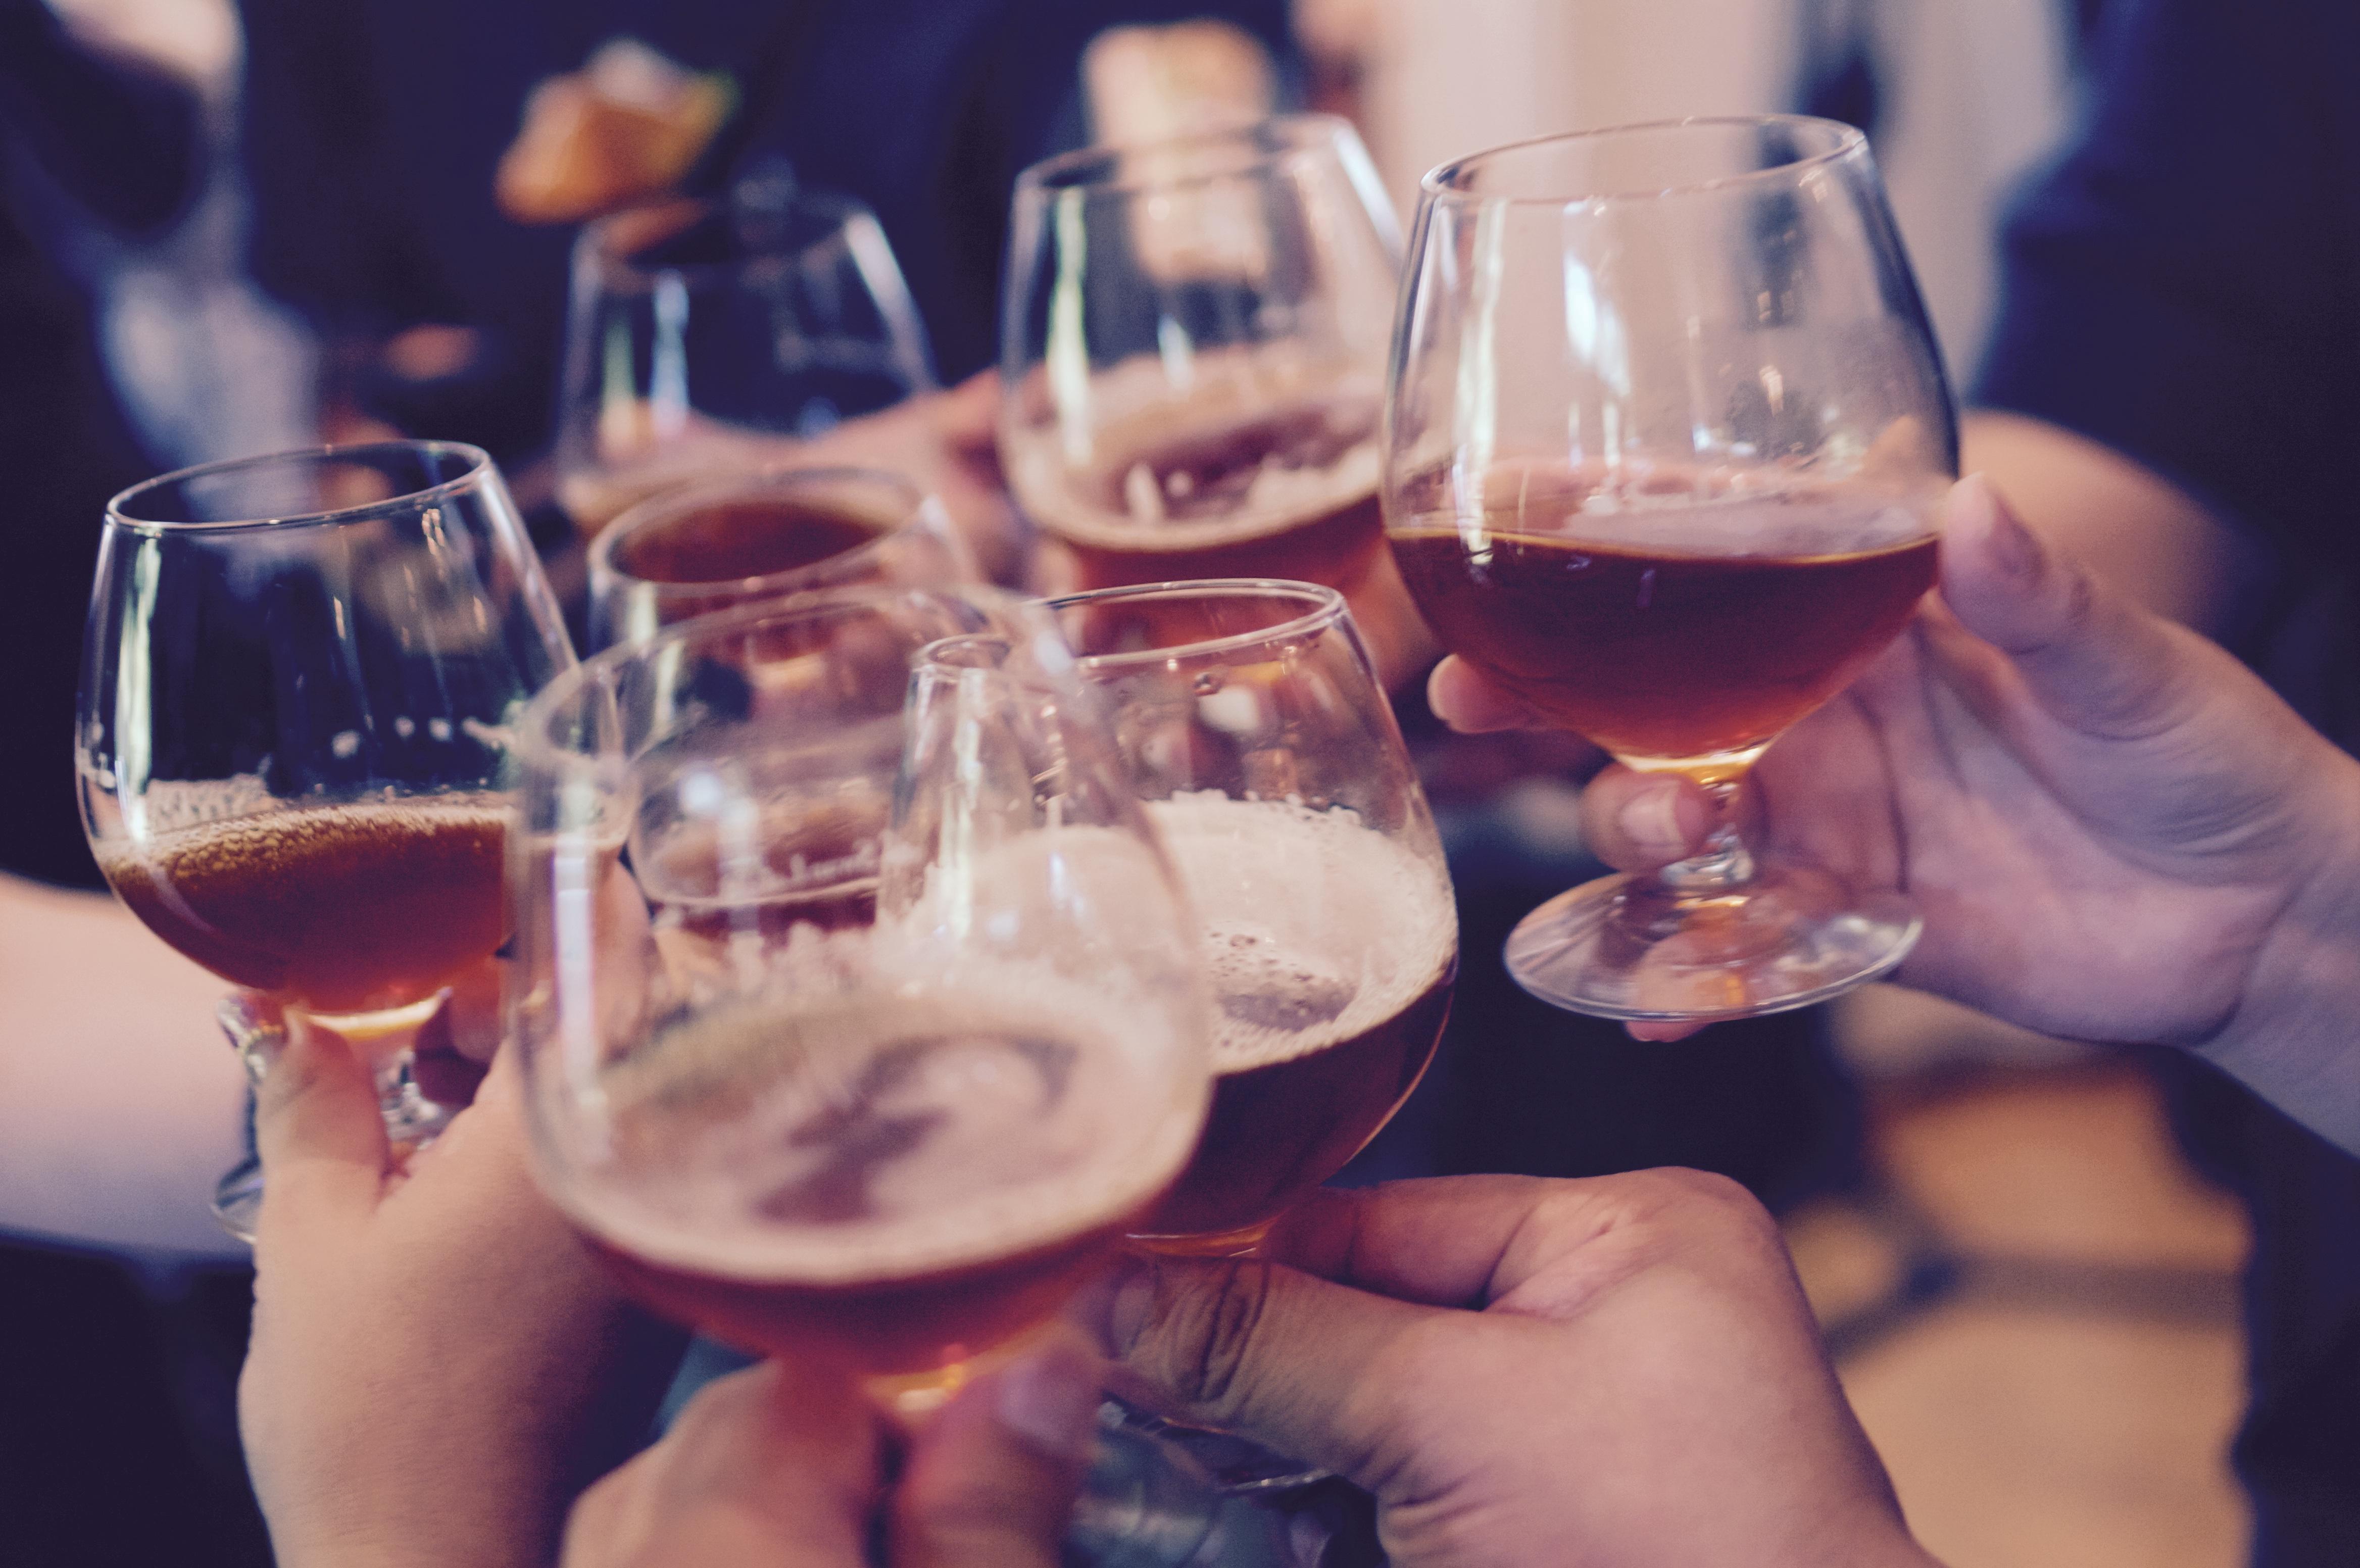 городских фото бокалов с вином в клубе этой связи помощь